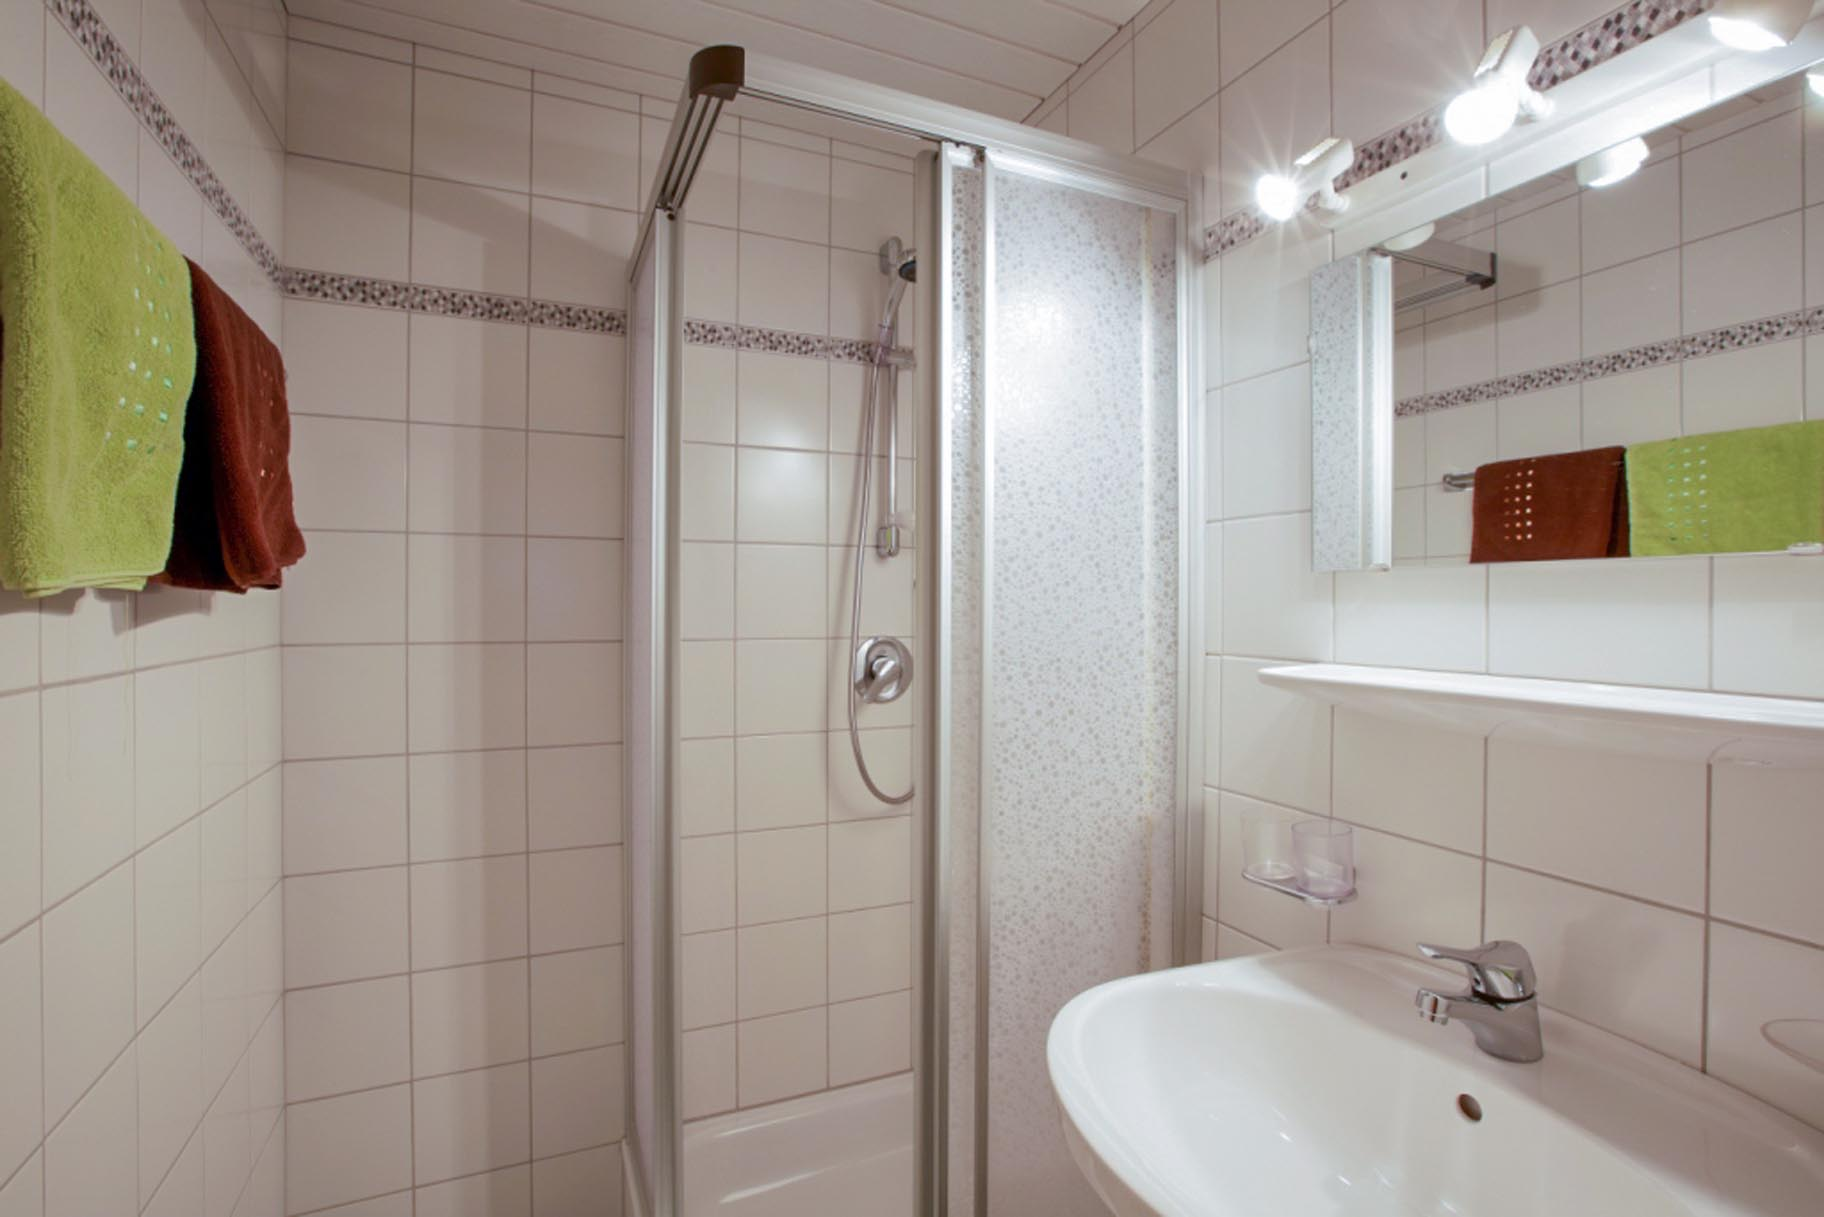 Ferienwohnung 3, Badezimmer